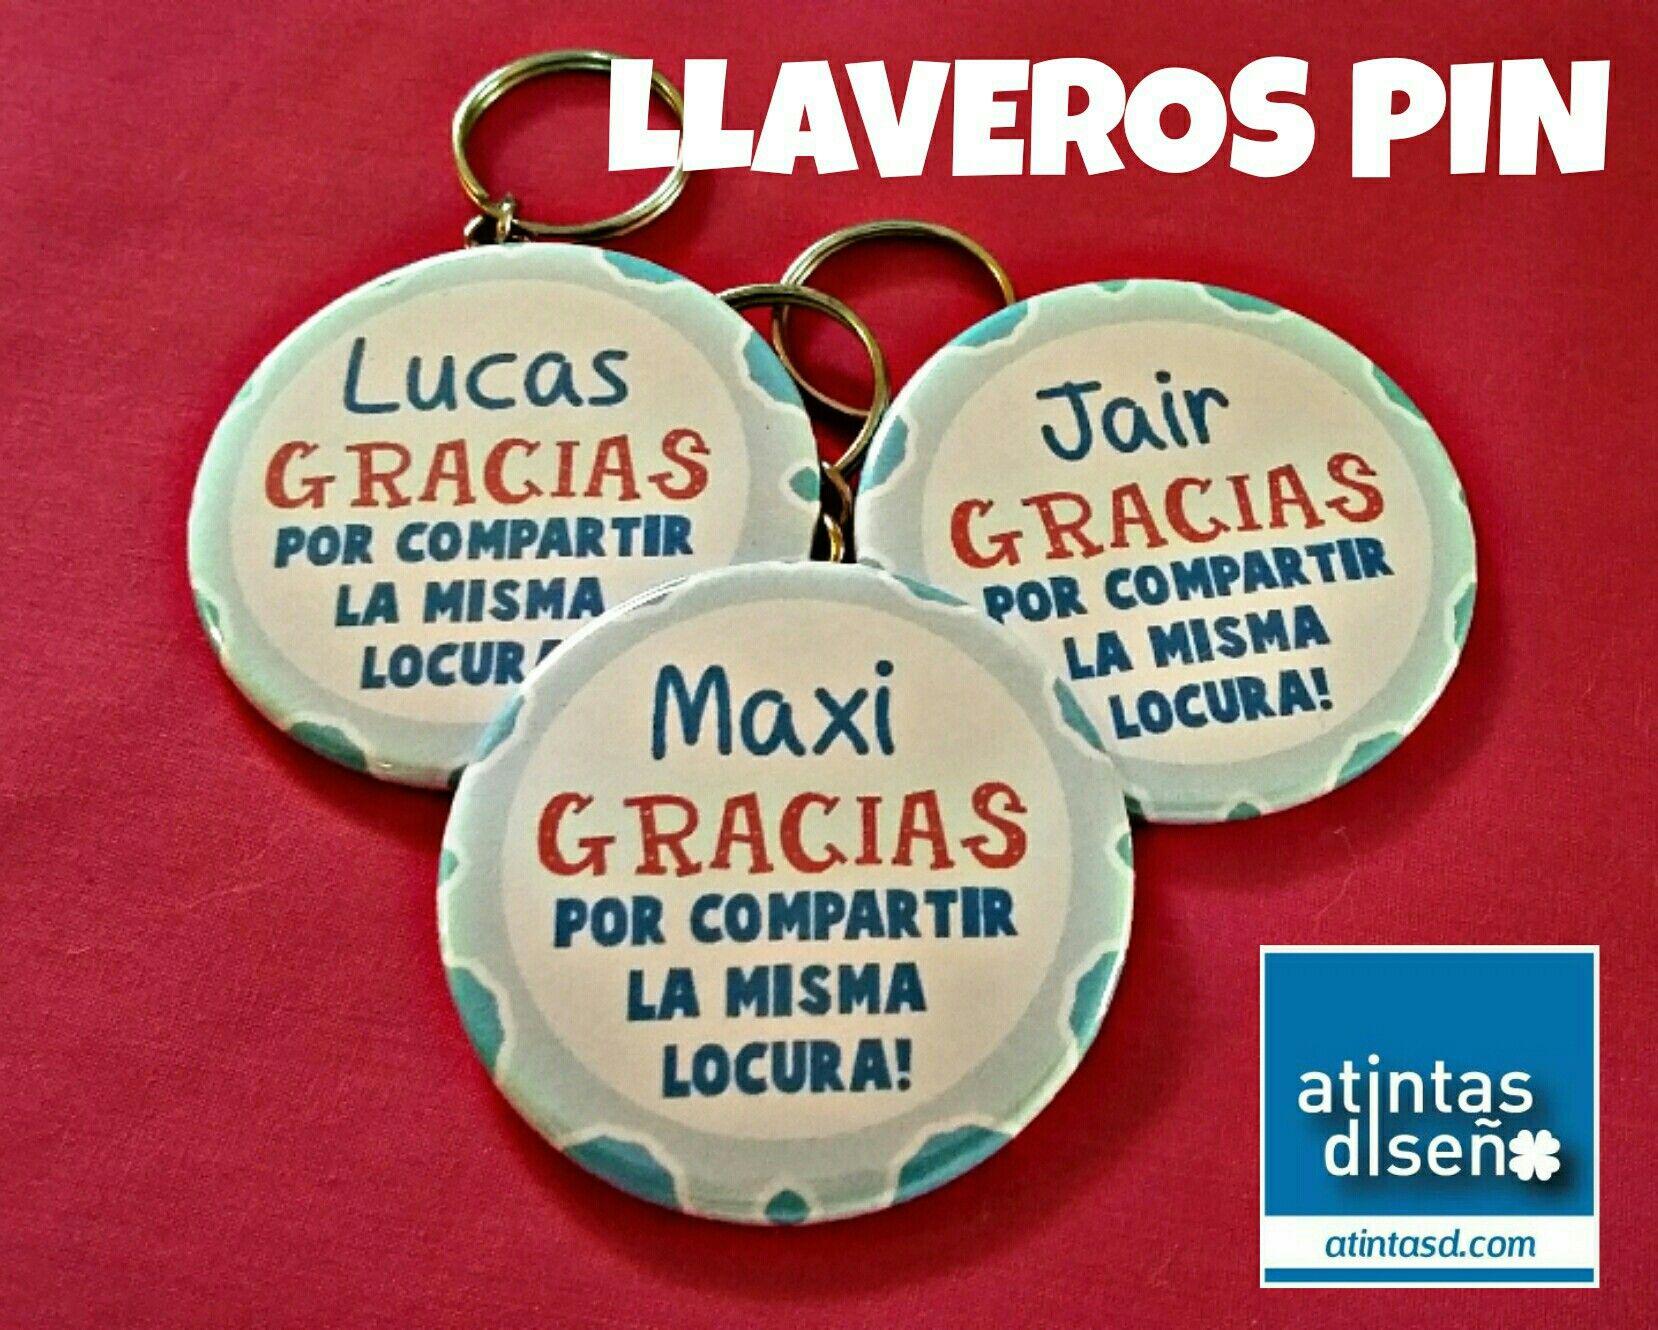 LLAVERO PIN www.atintasd.com Facebook/atintasd.com